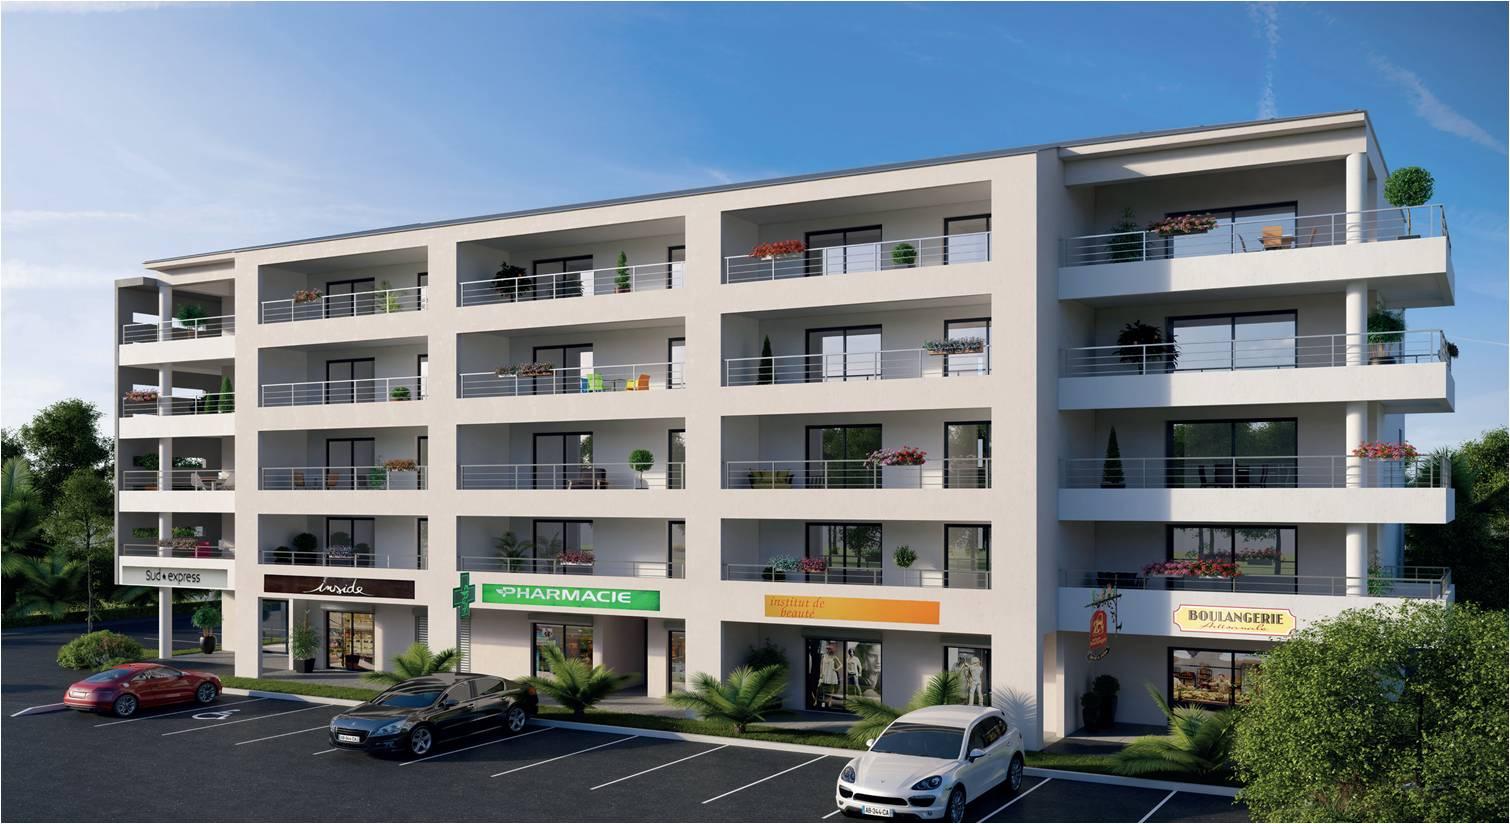 C'est le bon moment pour investir dans un programme immobilier neuf à Montpellier